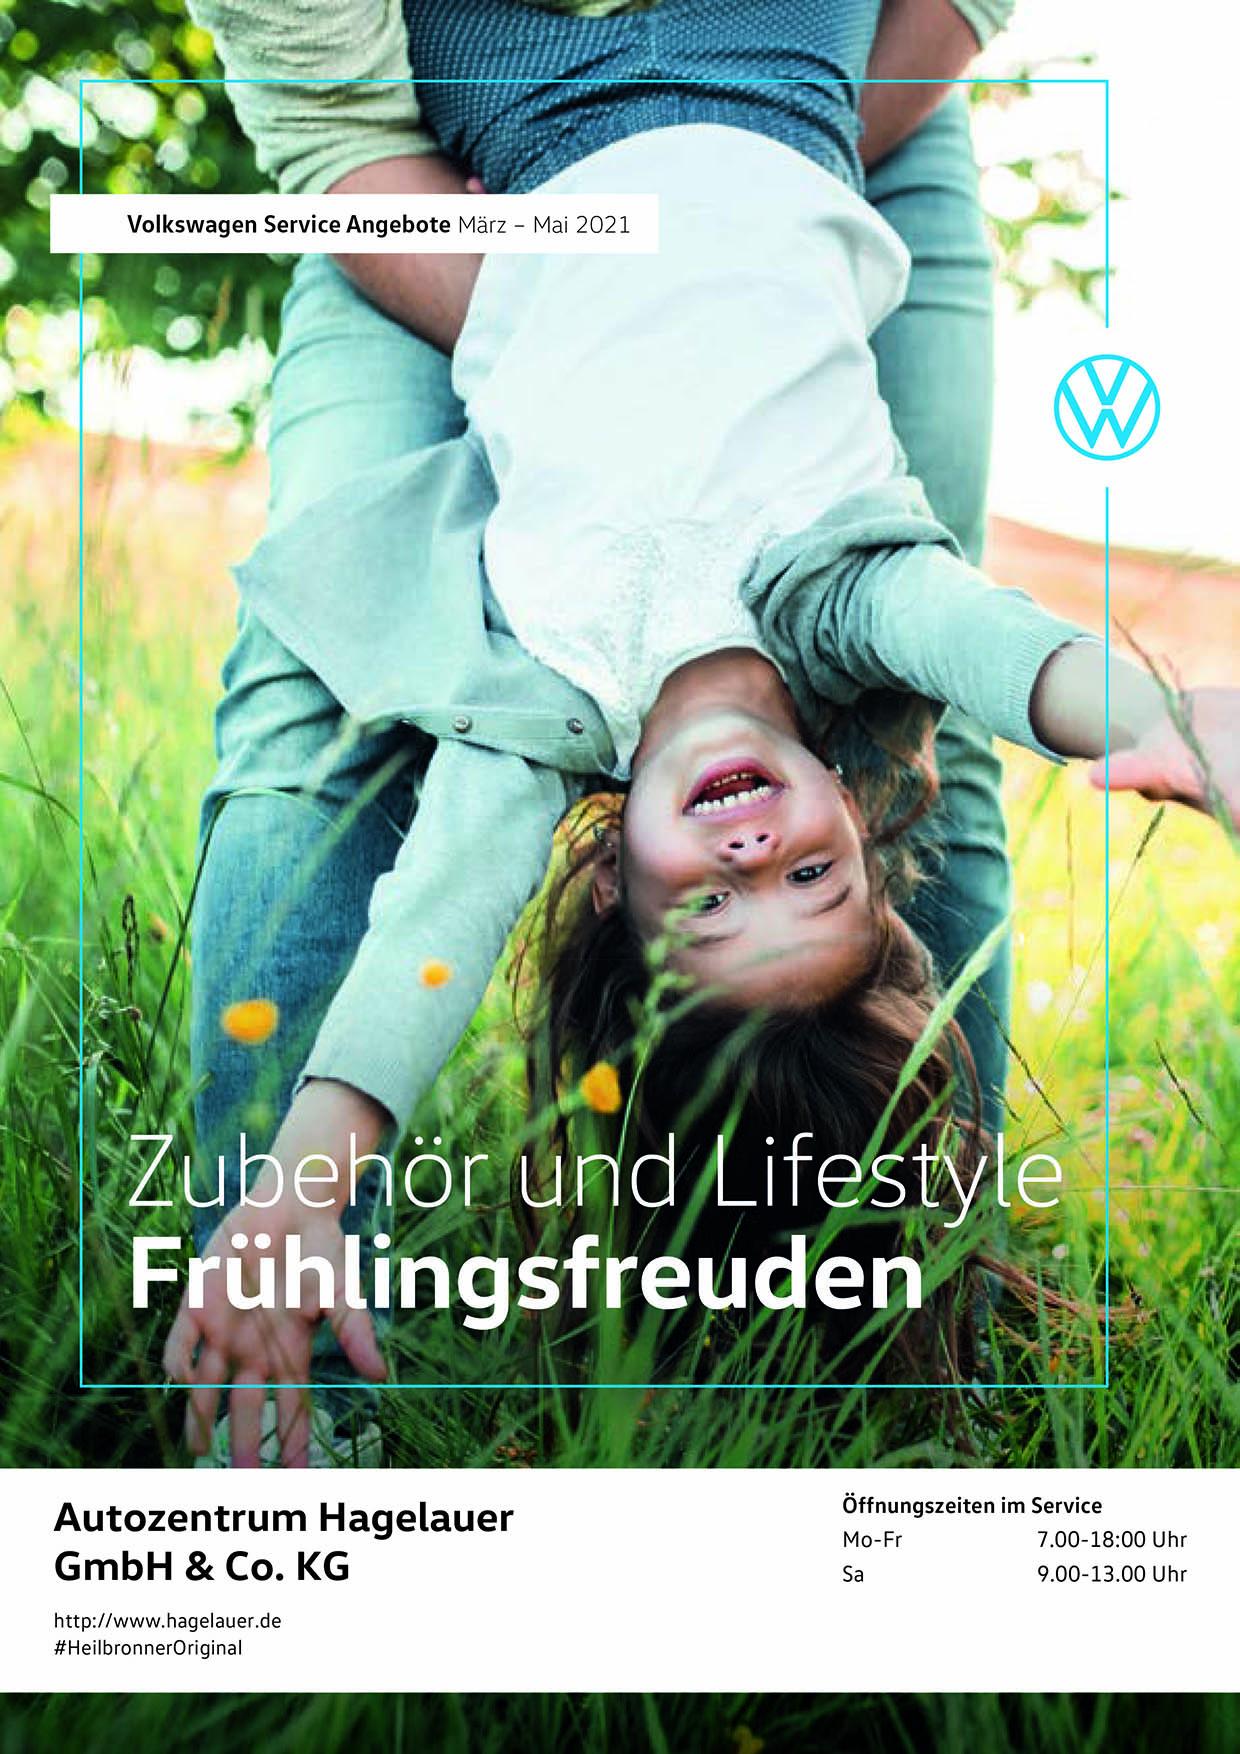 Volkswagen Service Angebote: März – Mai 2021